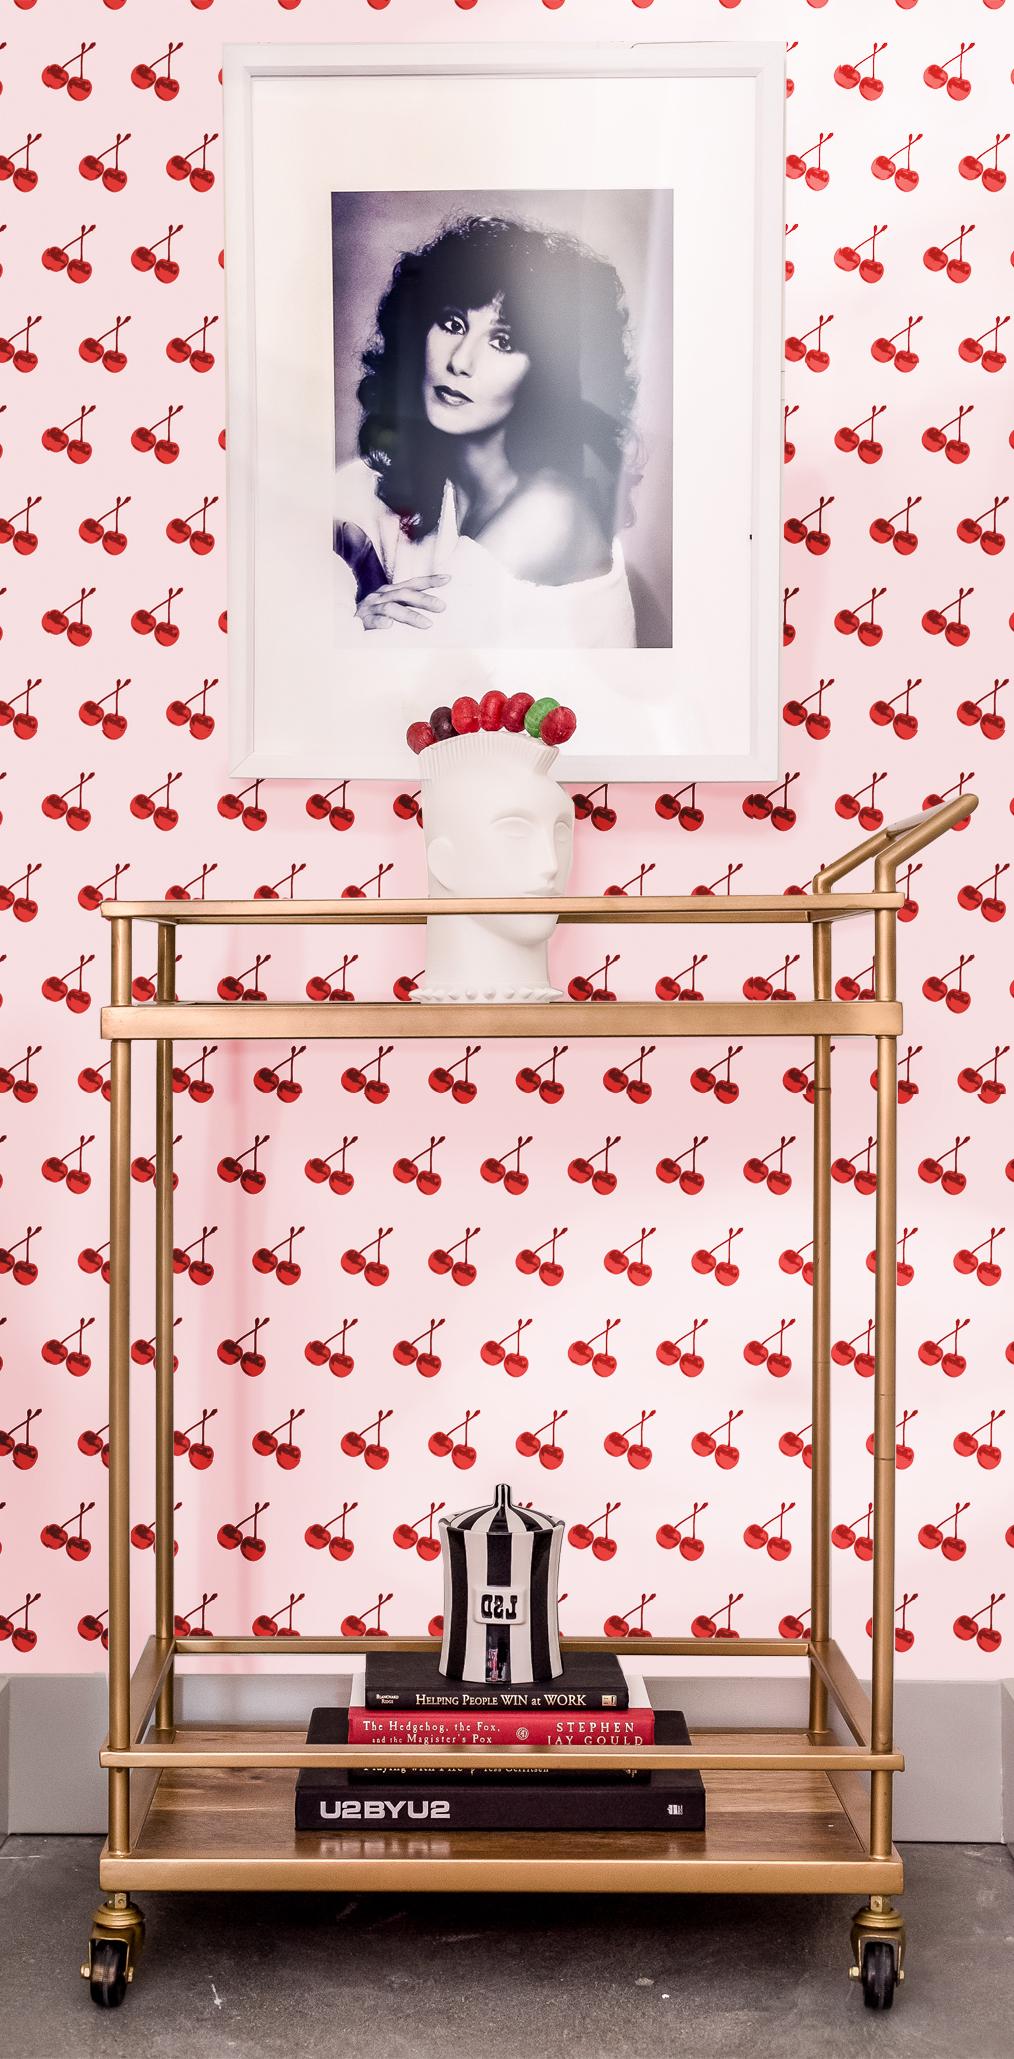 cher with cherries.jpg